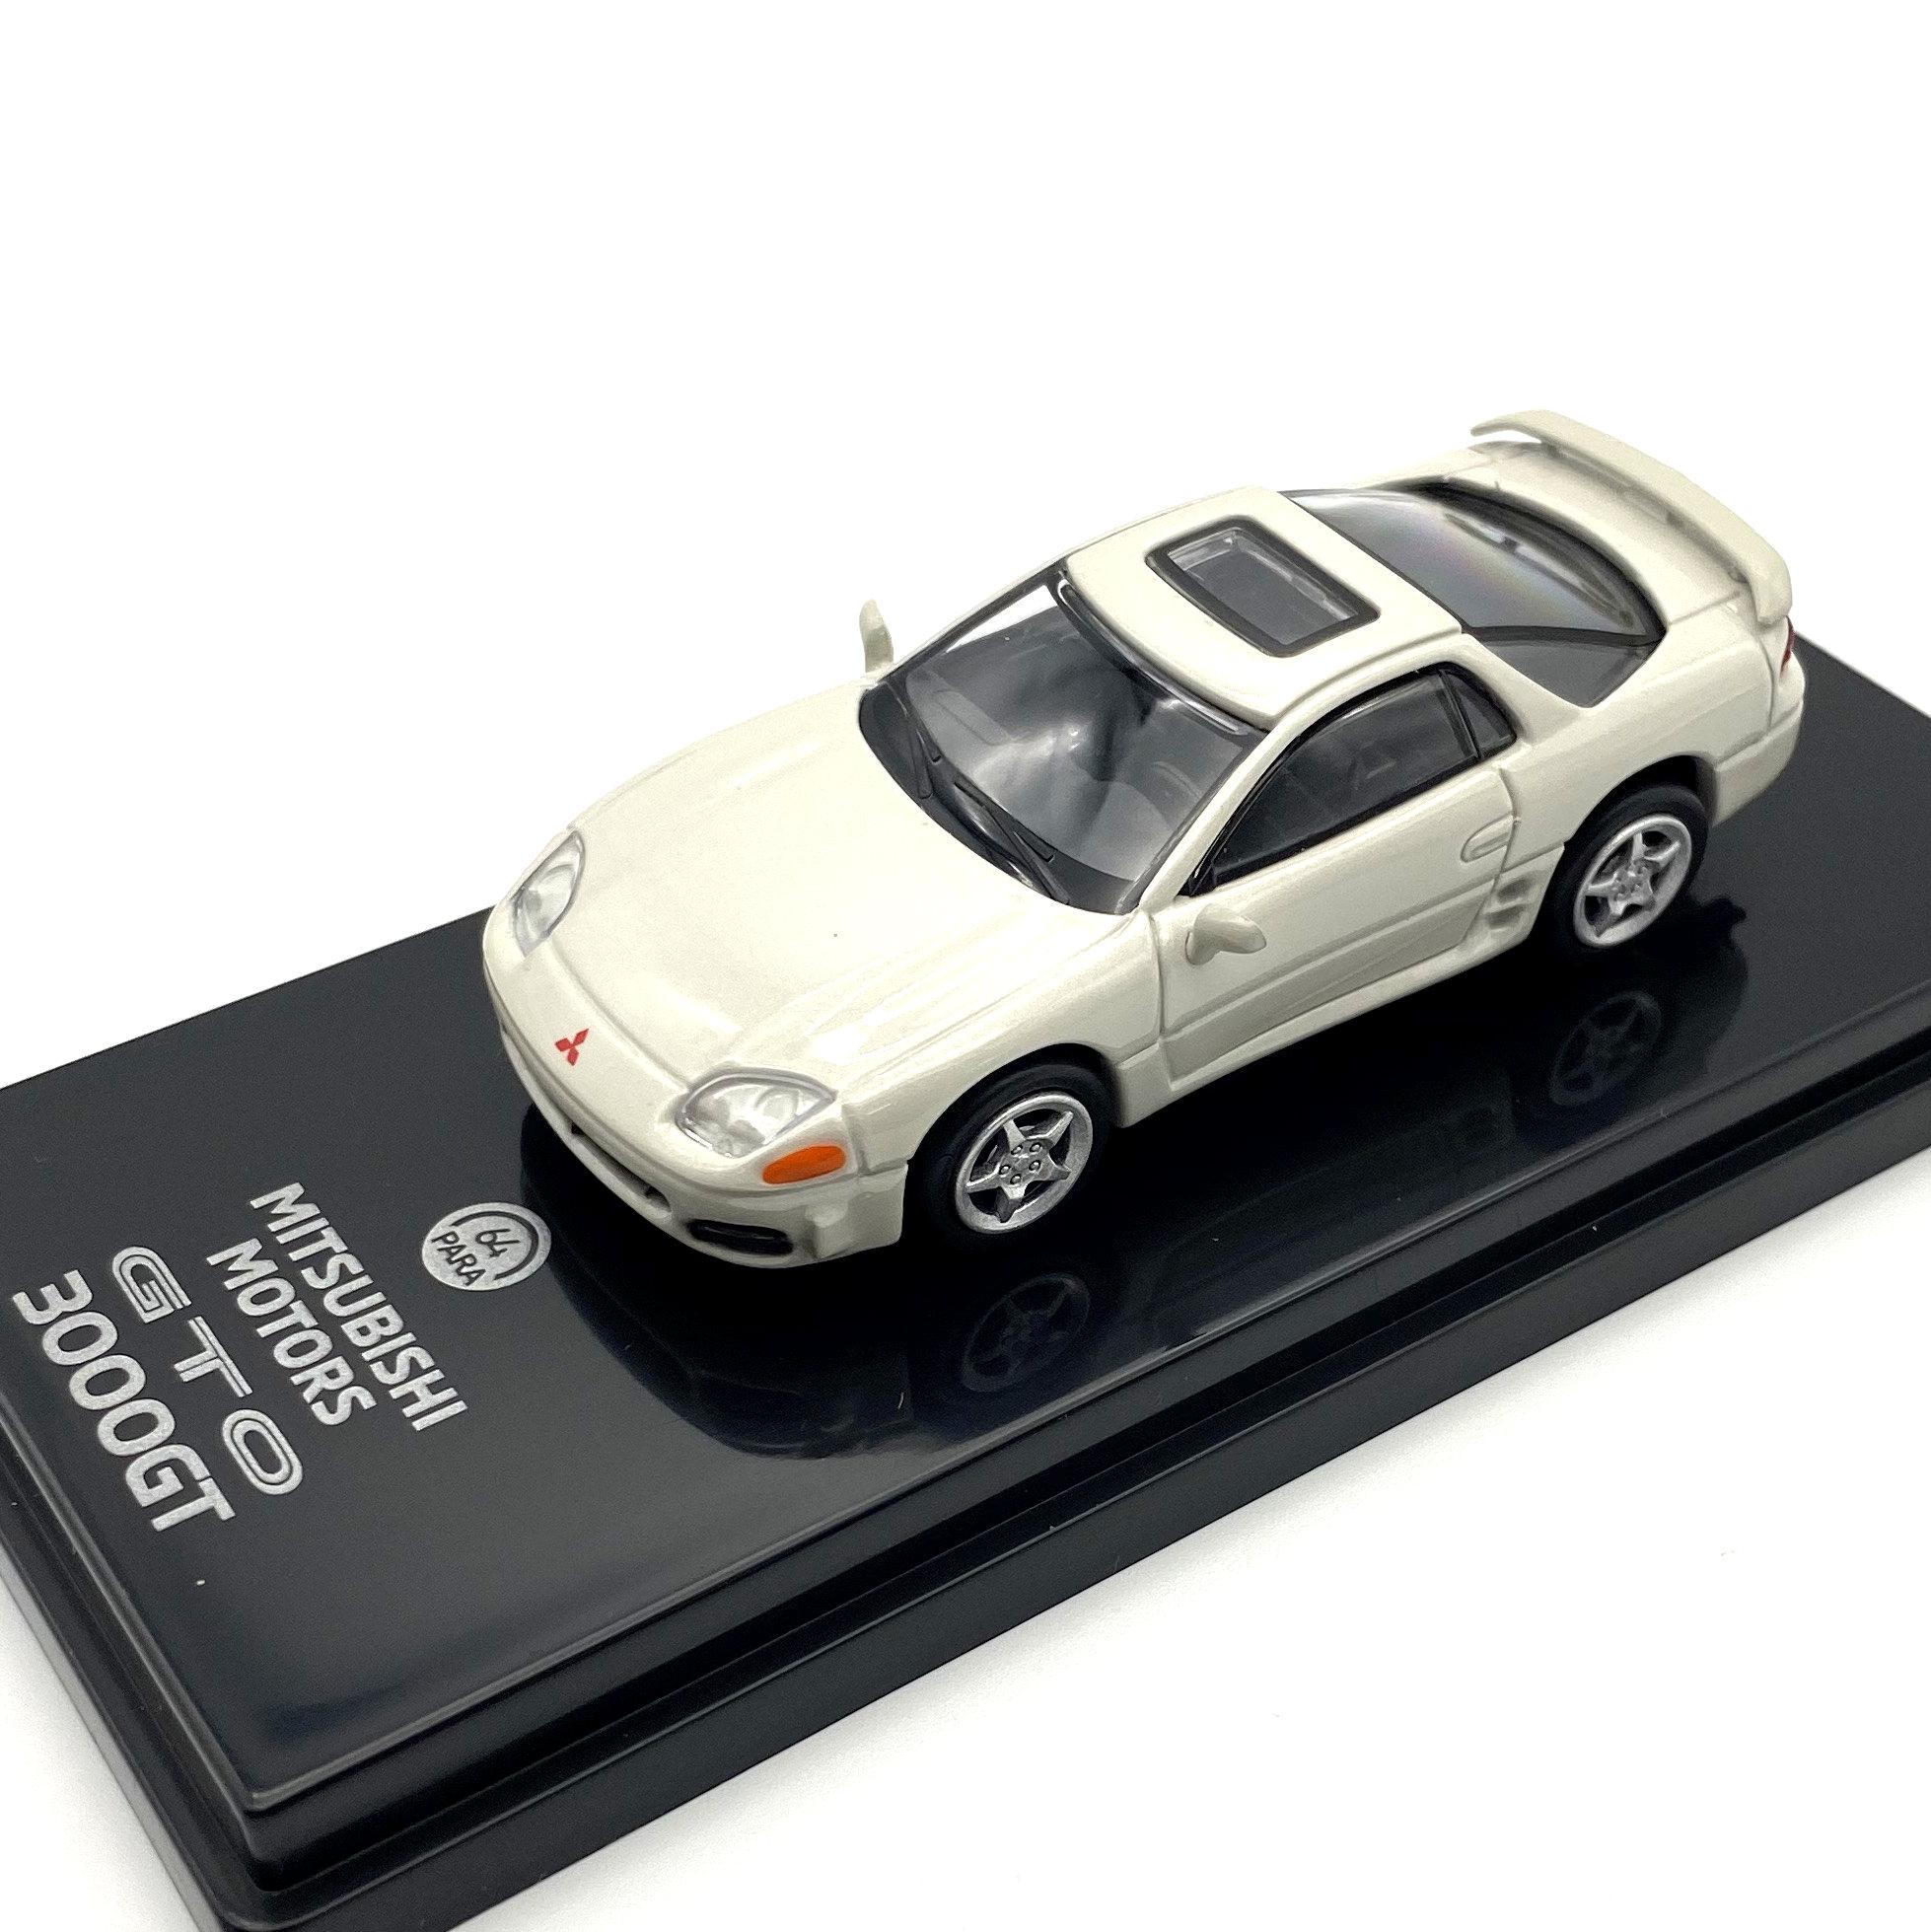 PARAGON/パラゴン 三菱 3000GT グレイシャーパールホワイト LHD